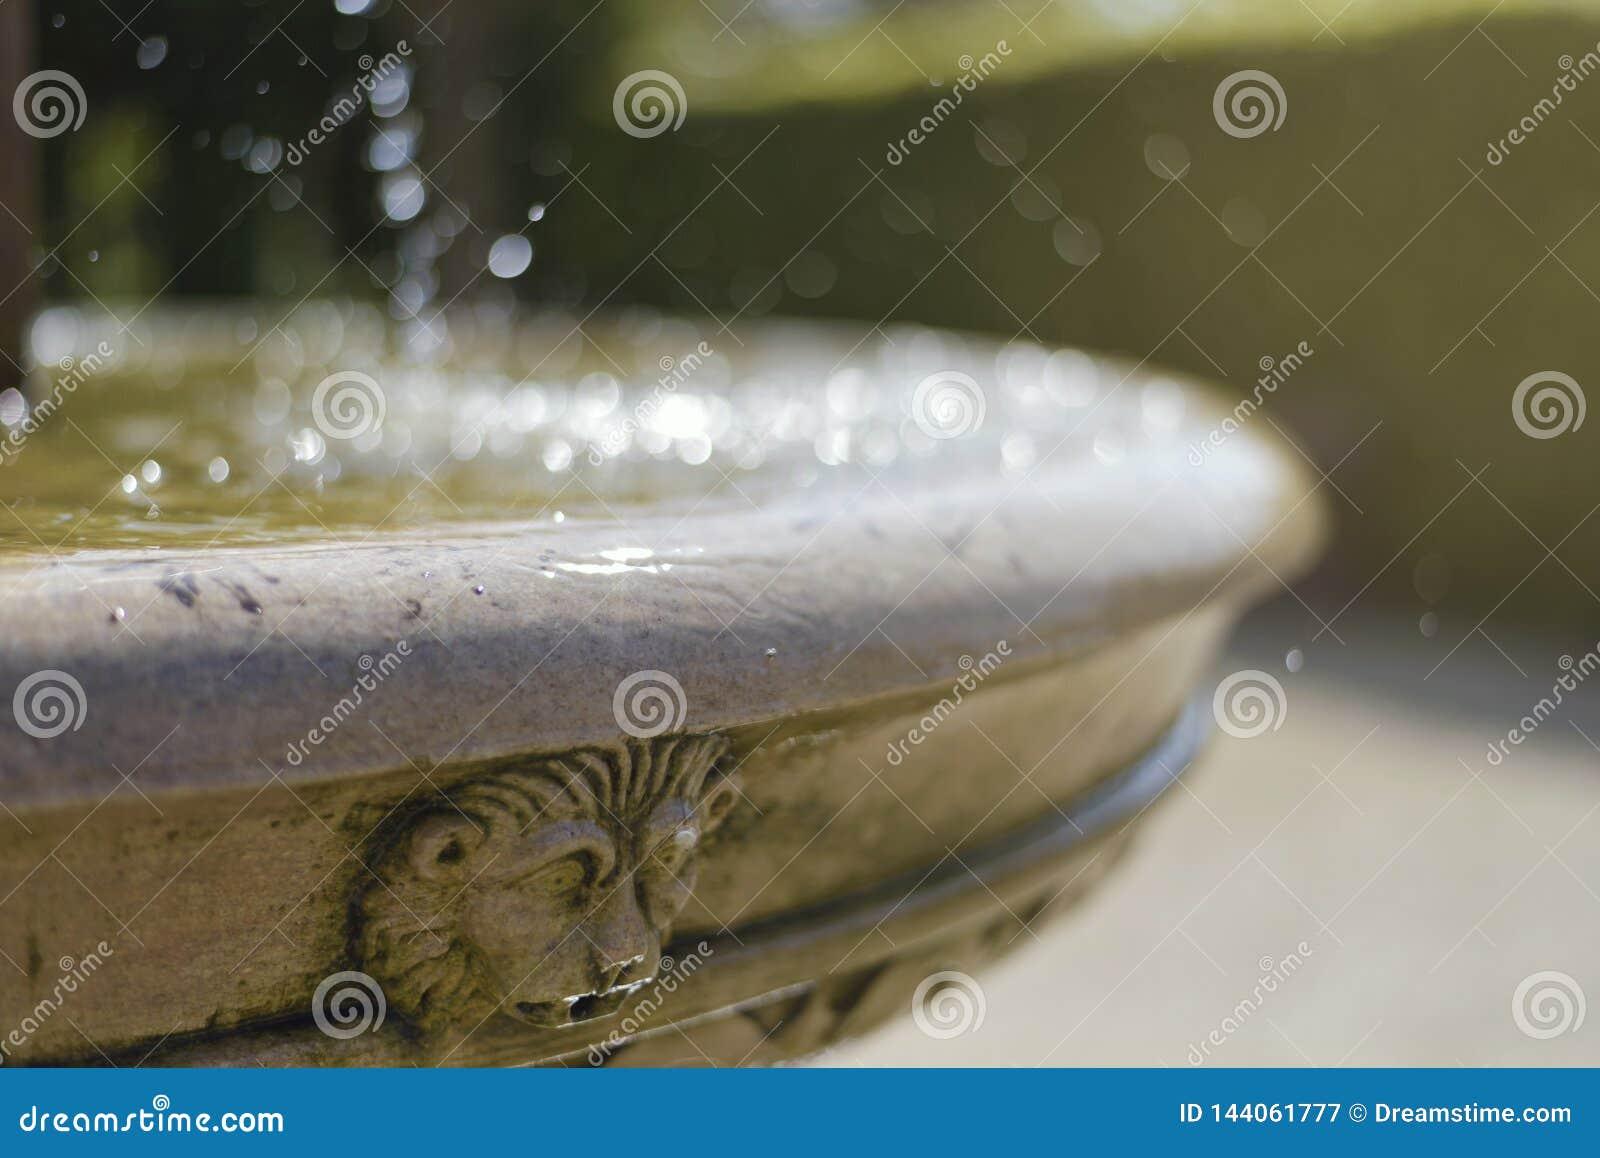 有狮子头的老喷泉 日热夏天 飞溅水的一刹那冻结的平均值移动